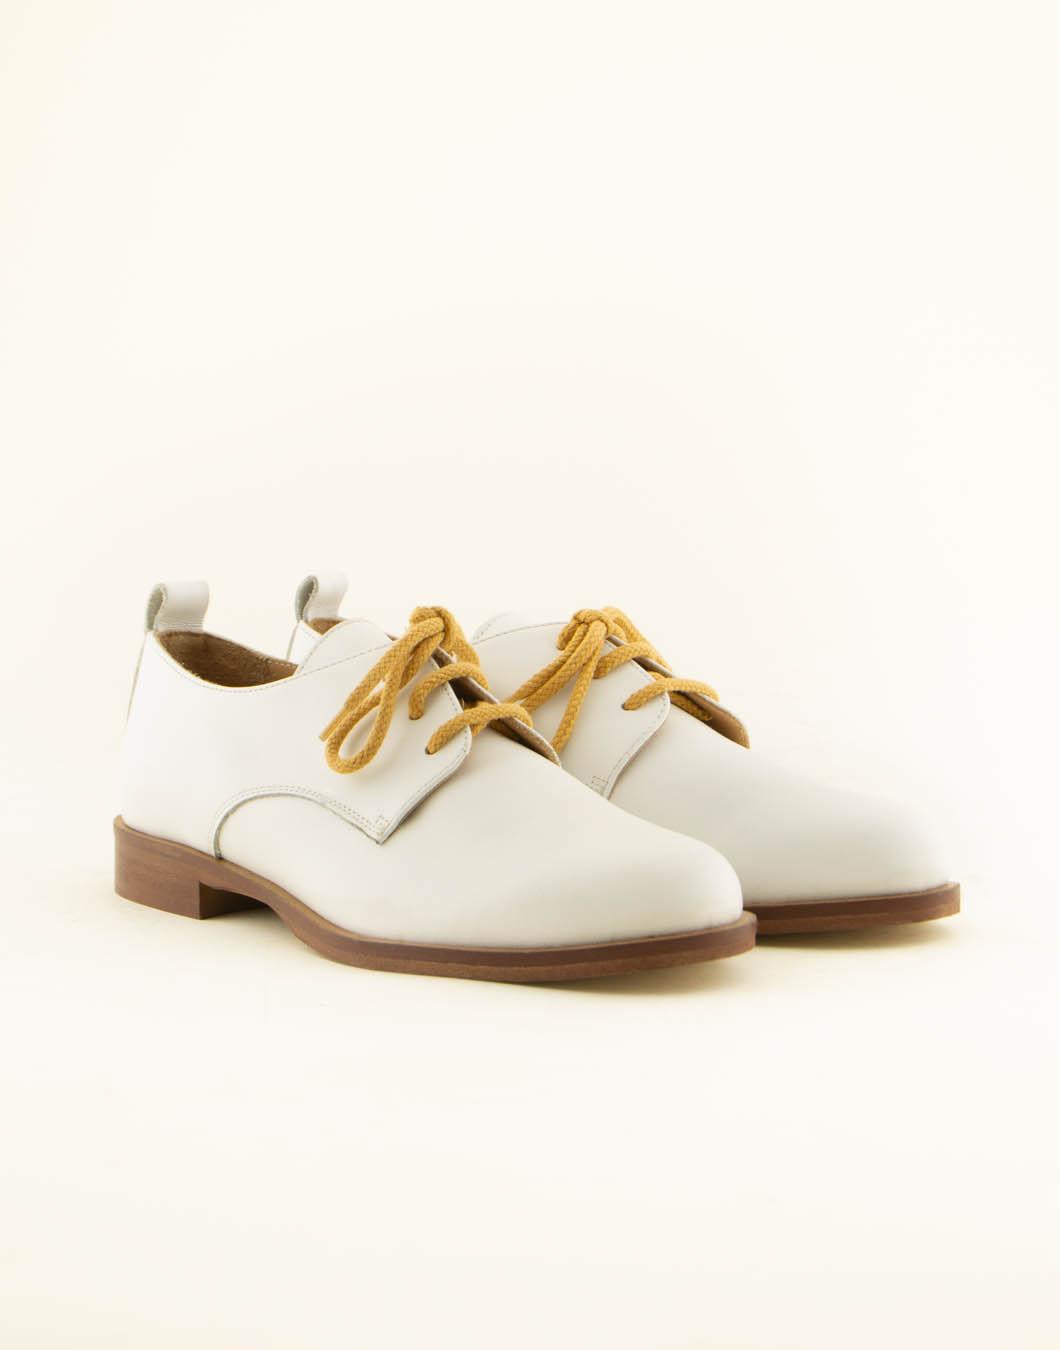 Scarpe in pelle - MAURO LEONE